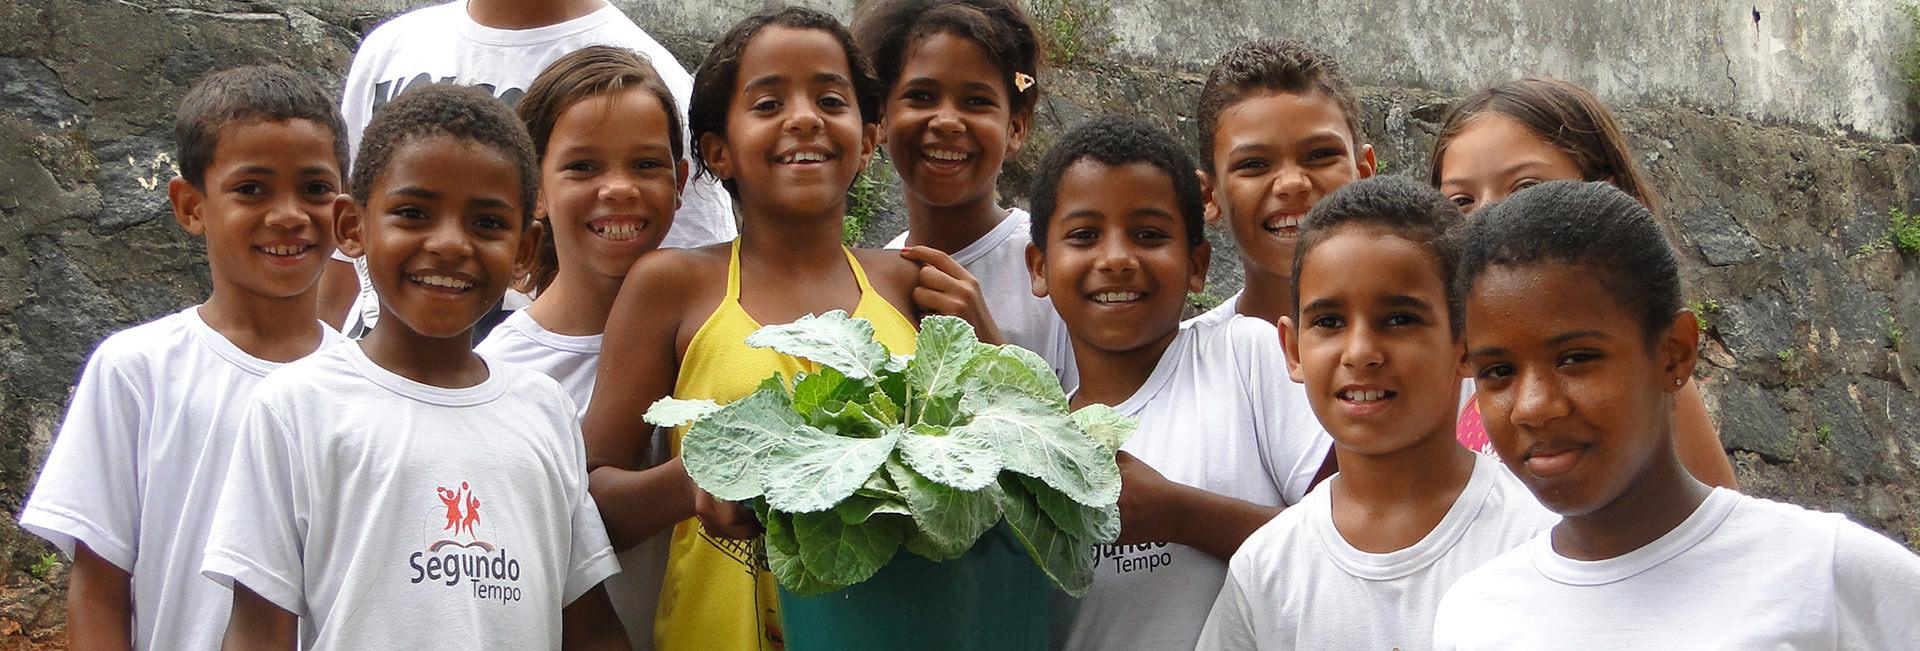 Nestes anos já beneficiamos 3 milhões de crianças e 12 milhões de brasileiros com nossas ações